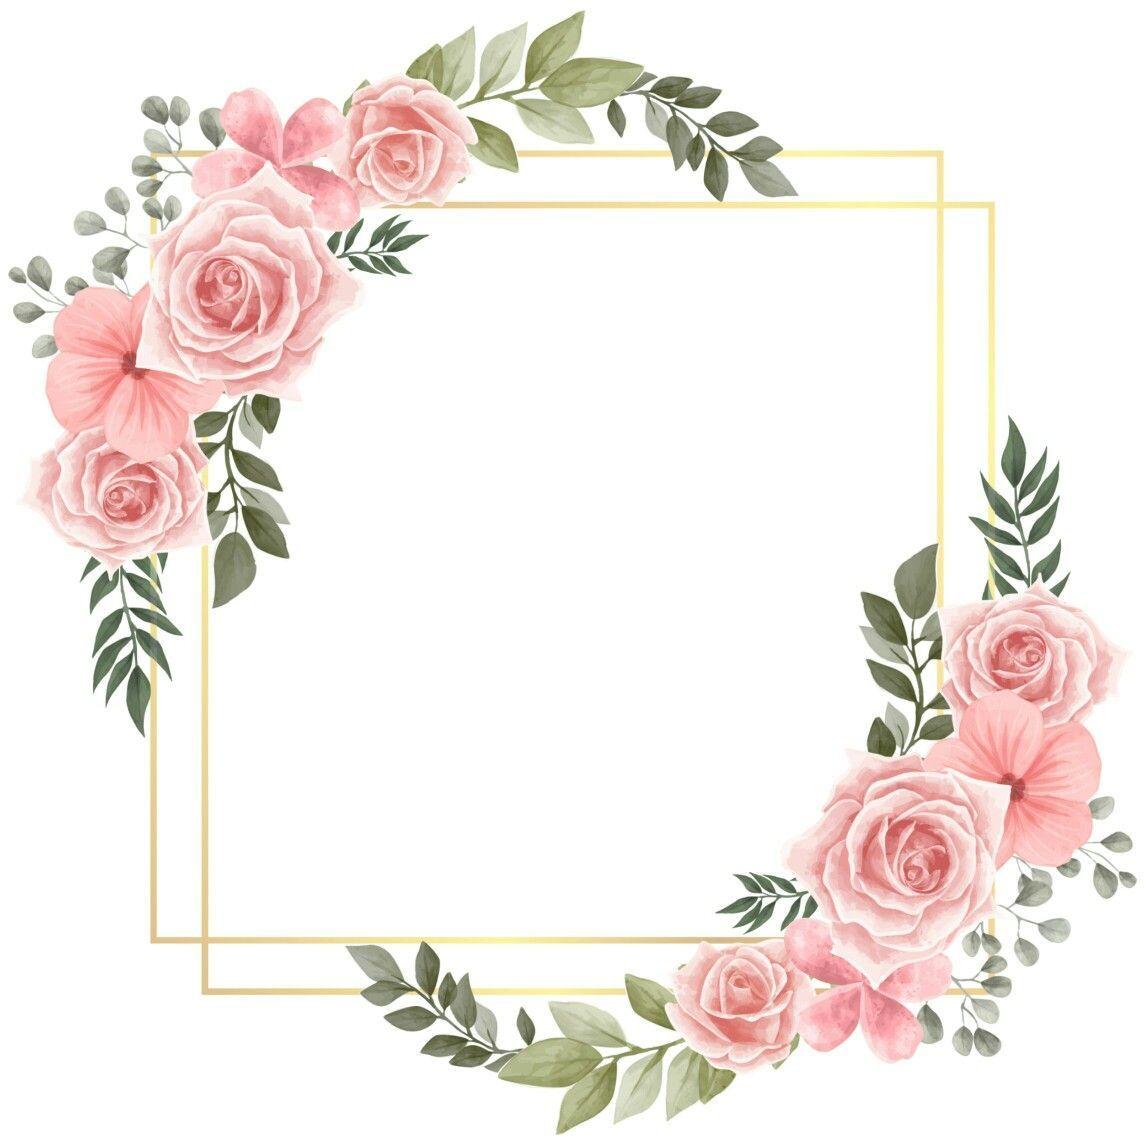 Criativo Convite Modelos De Etiqueta Quadro De Flores Agendas Ideias De Tatuagens Flower Background Wallpaper Floral Stickers Flower Frame